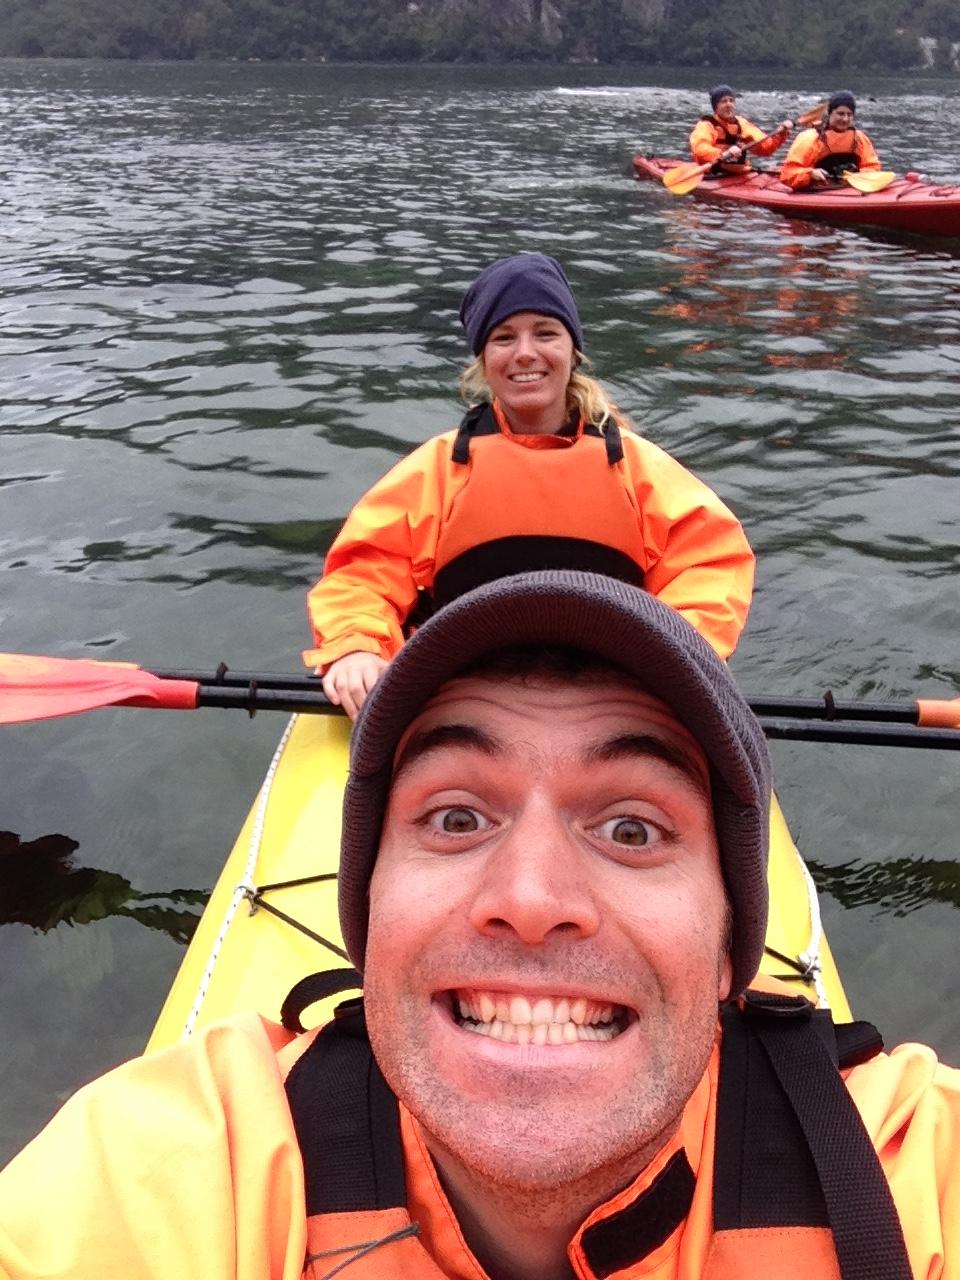 kayaking pic